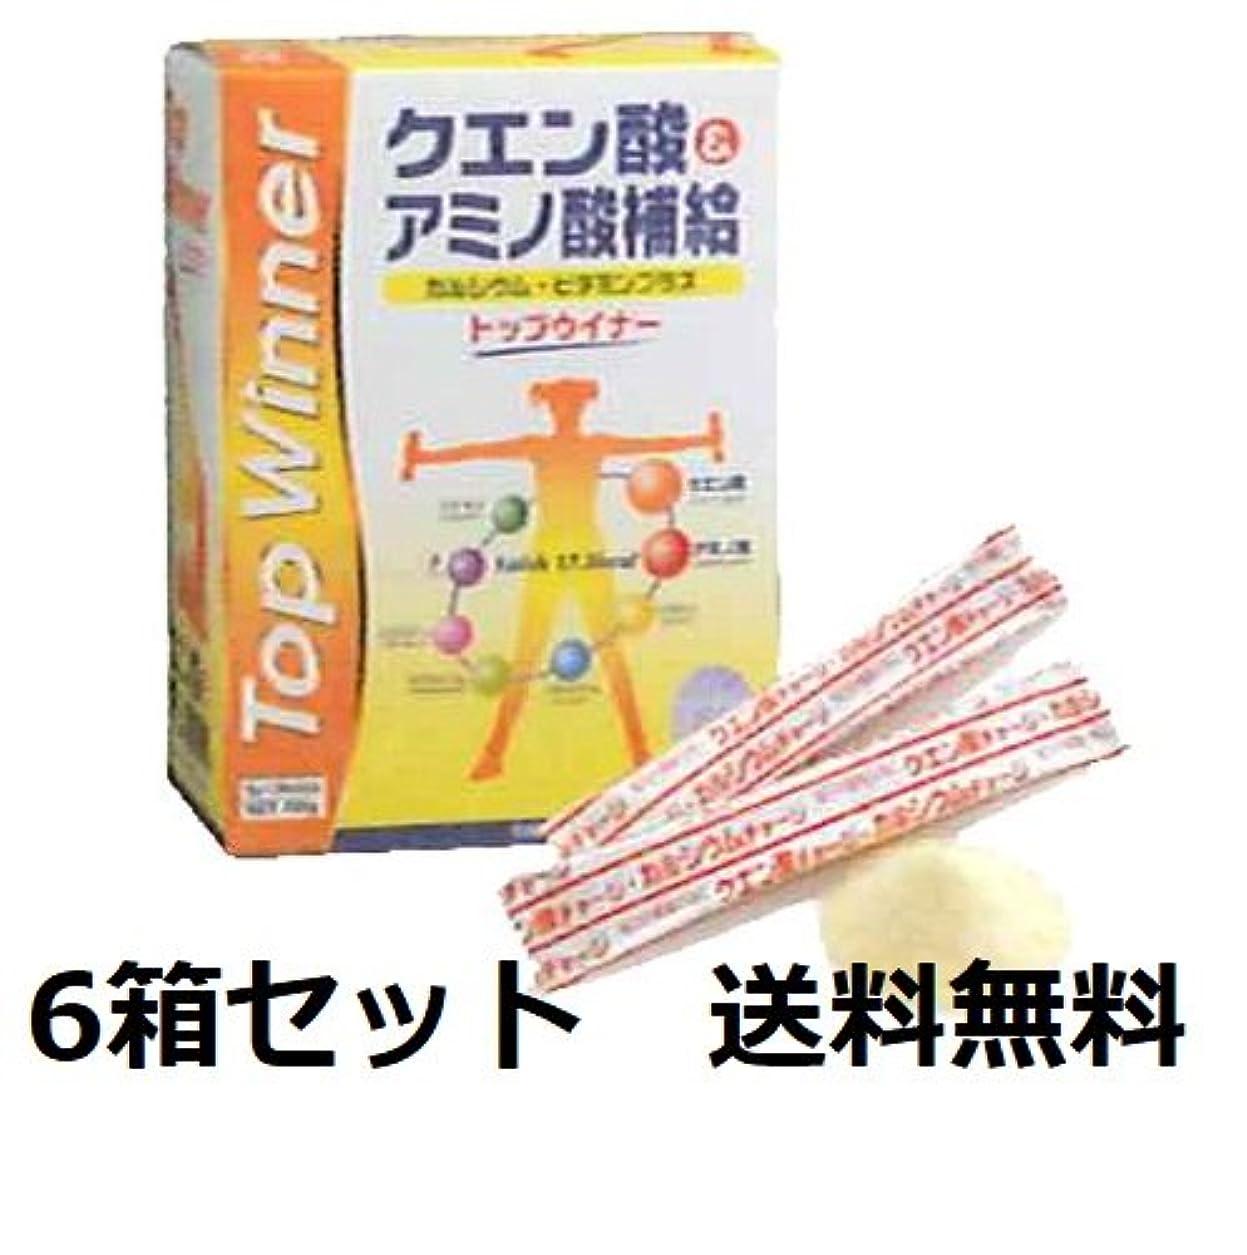 オート明るくするキュービックトップウイナー 6箱セット アミノ酸?クエン酸飲料 5g×30本入(150g)×6箱